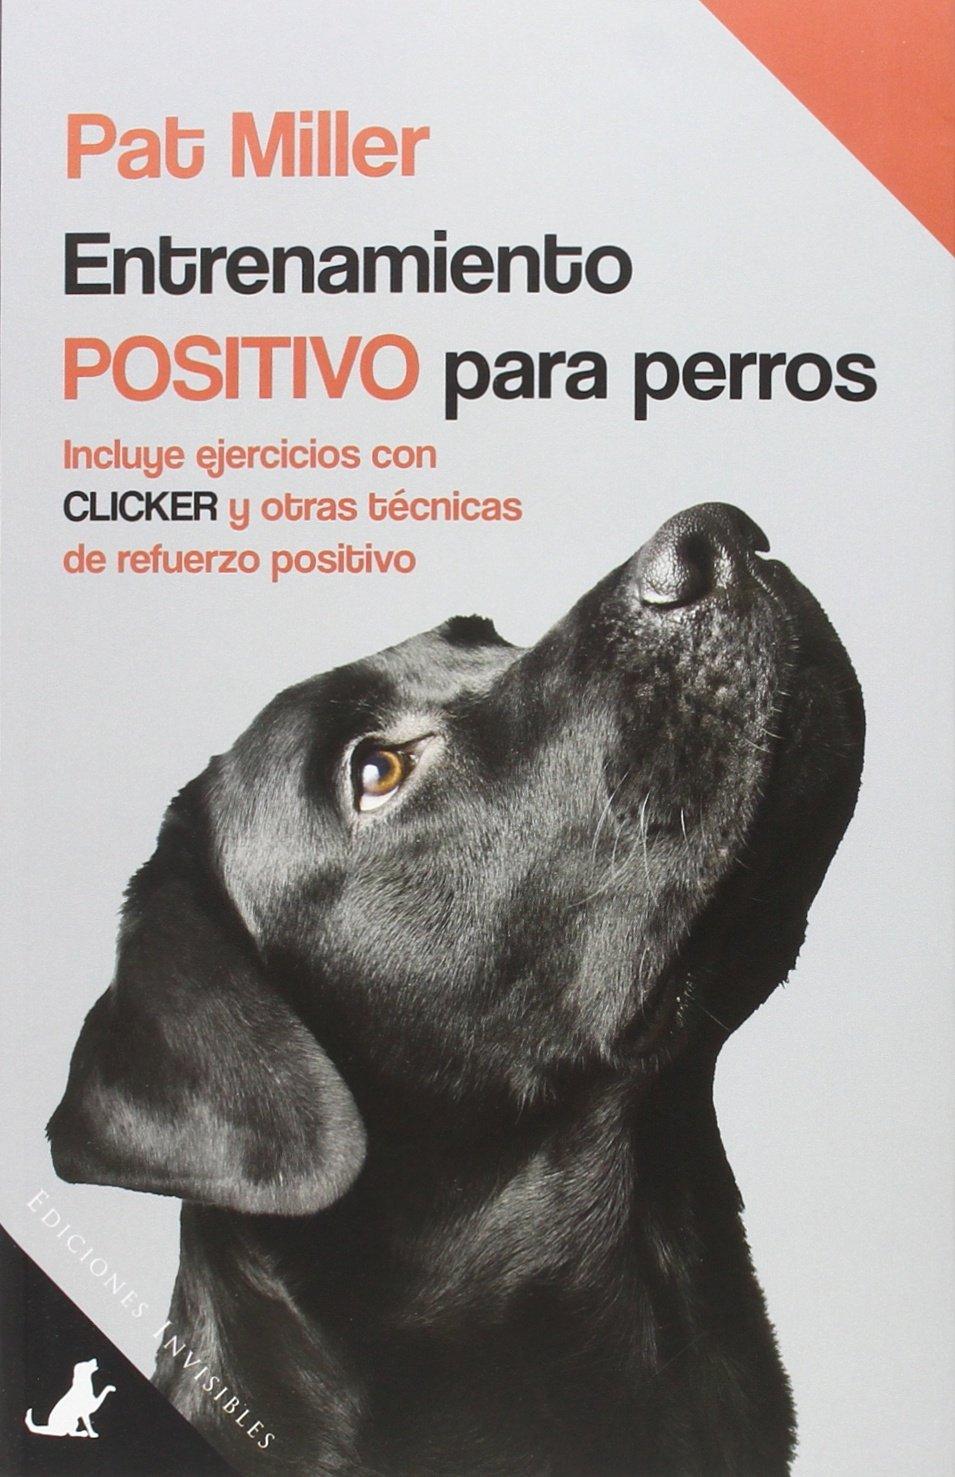 Entrenamiento positivo para perros: Incluye ejercicios con clicker y otras técnicas de refuerzo positivo Sit Books: Amazon.es: Pat Miller, David Cañadas ...